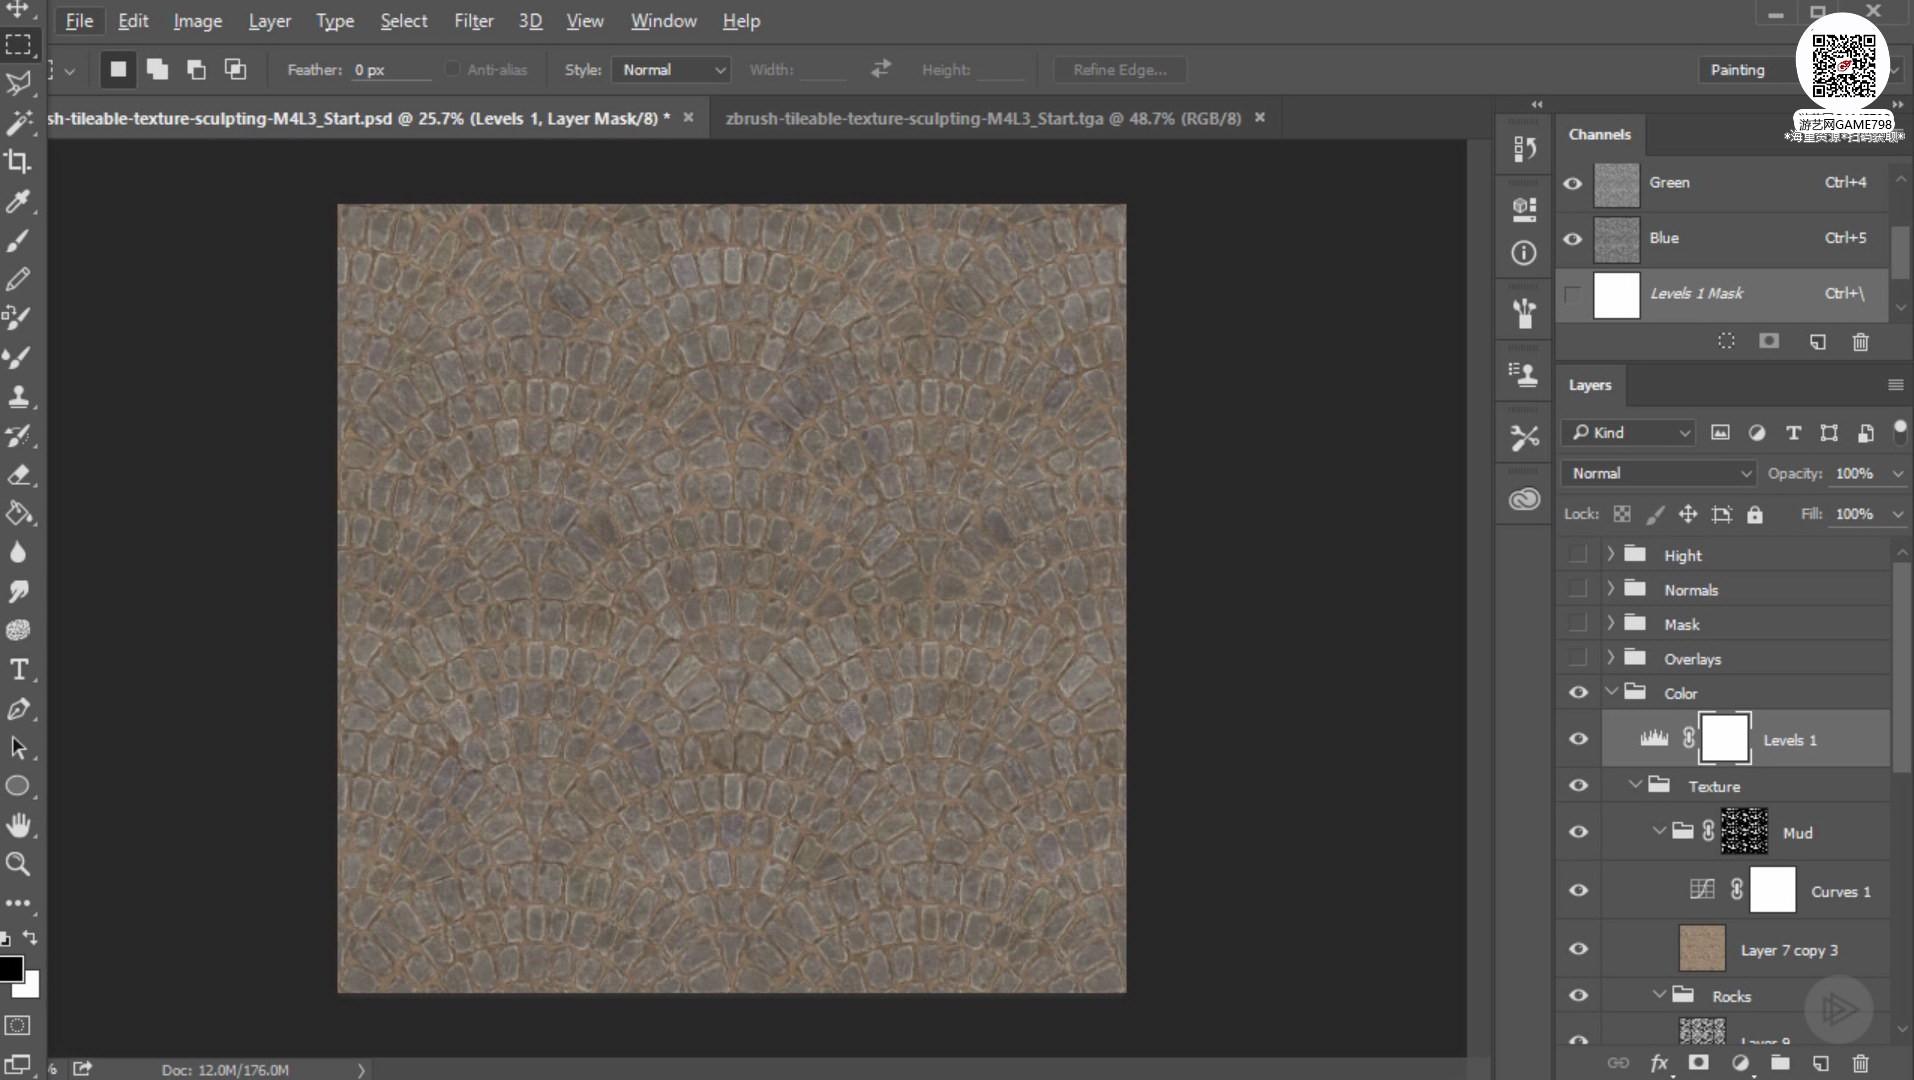 022_关注-游艺网GAME798海量资源下载ZBrush无缝贴图创建教程.jpg